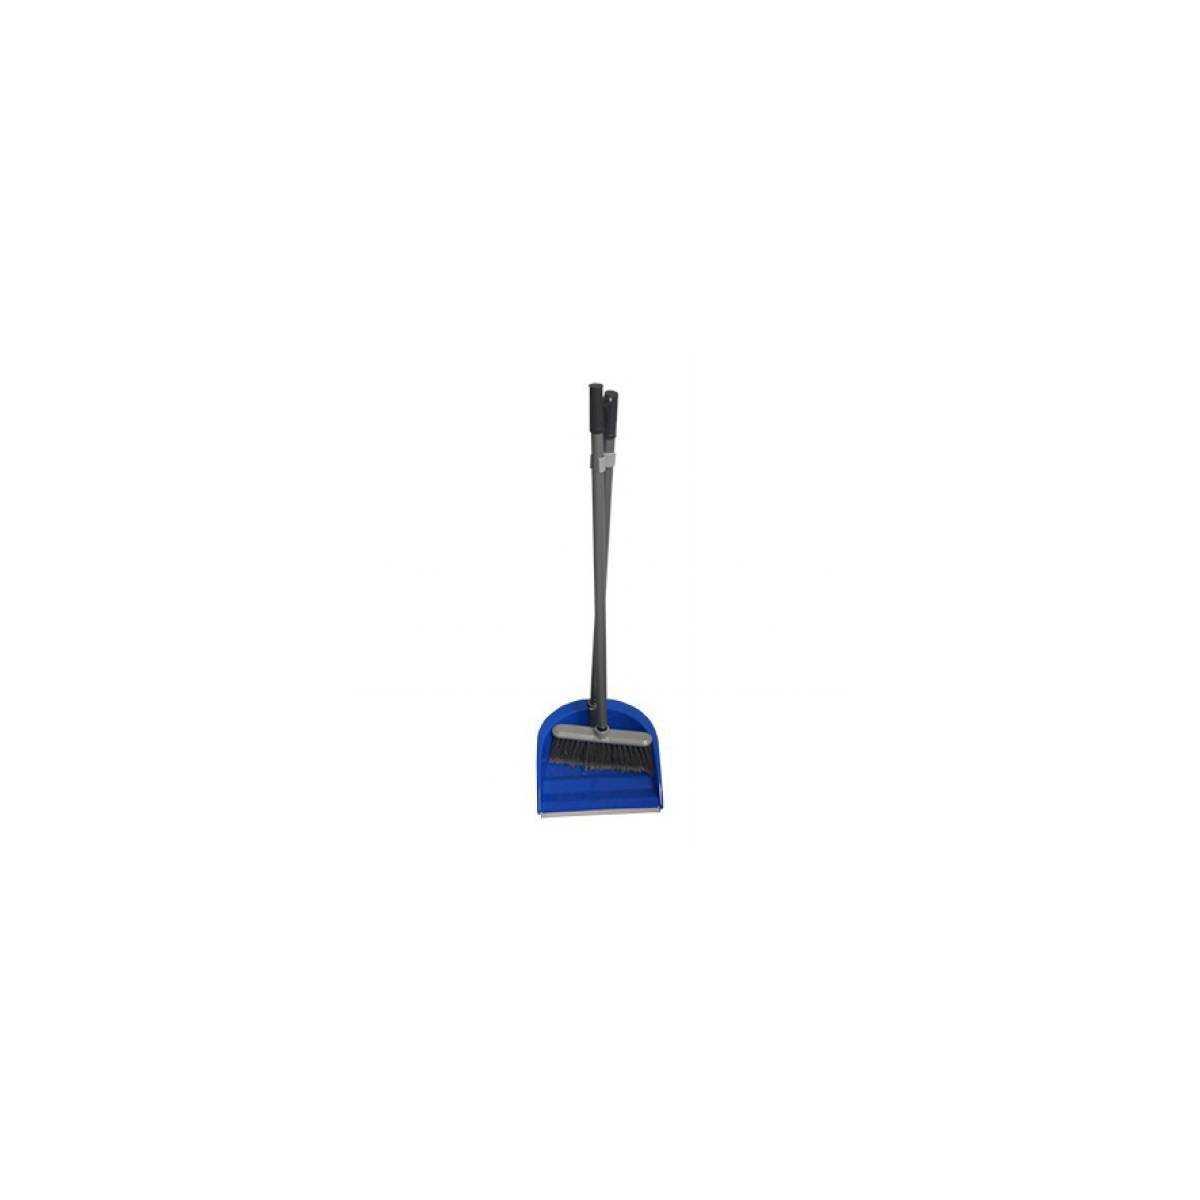 Набор для уборки совок синий + щетка EASY 12.00795.0012.02.071 APEX - Fratelli Re SpA